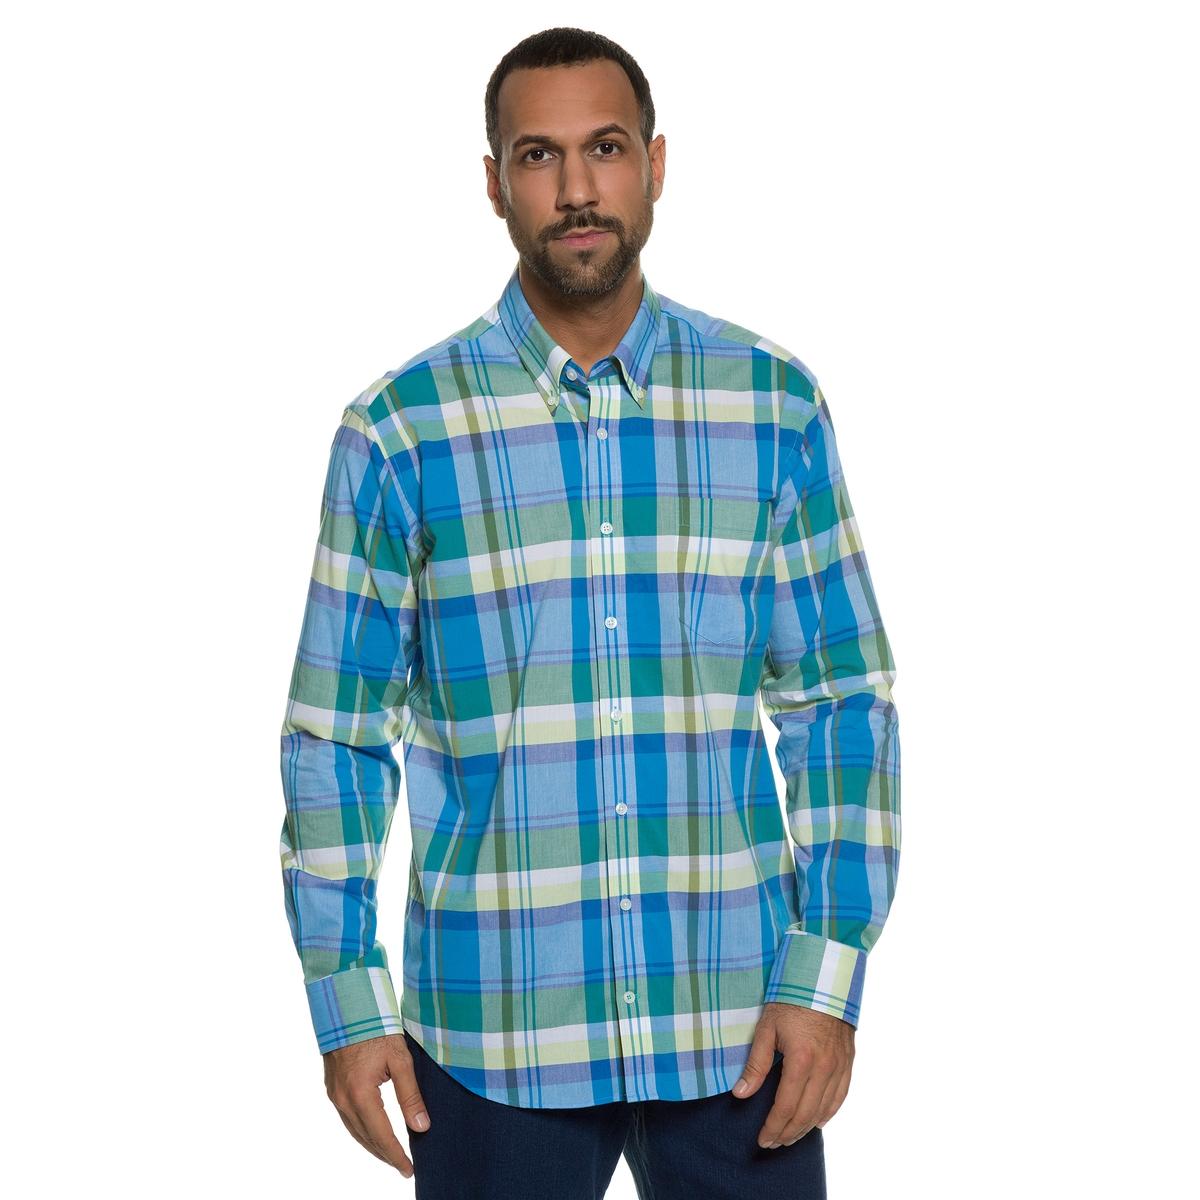 РубашкаРубашка с длинными рукавами JP1880. 100% хлопок.Рубашка в клетку. Нагрудный карман, воротник с уголками на пуговицах, внутренняя часть манжет из оксфорда . Слегка приталенный покрой позволяет носить рубашку также поверх брюк на свободный манер. Длина в зависимости от размера ок. 78-94 см<br><br>Цвет: в клетку<br>Размер: 7XL